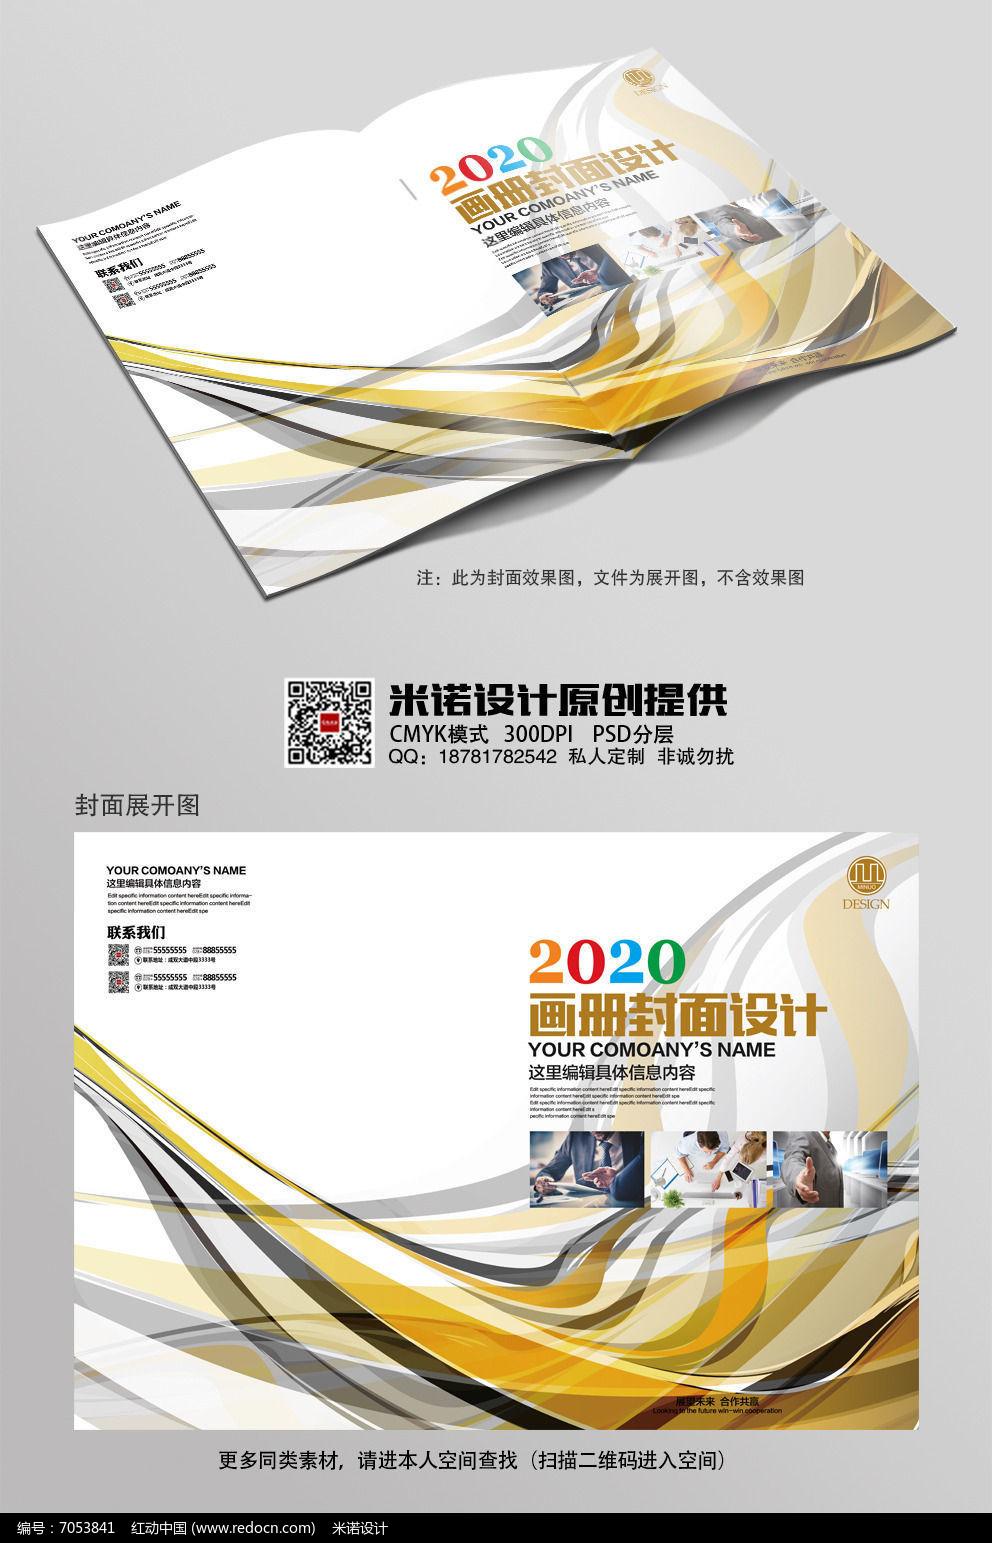 创意时尚公司宣传手册封面设计图片